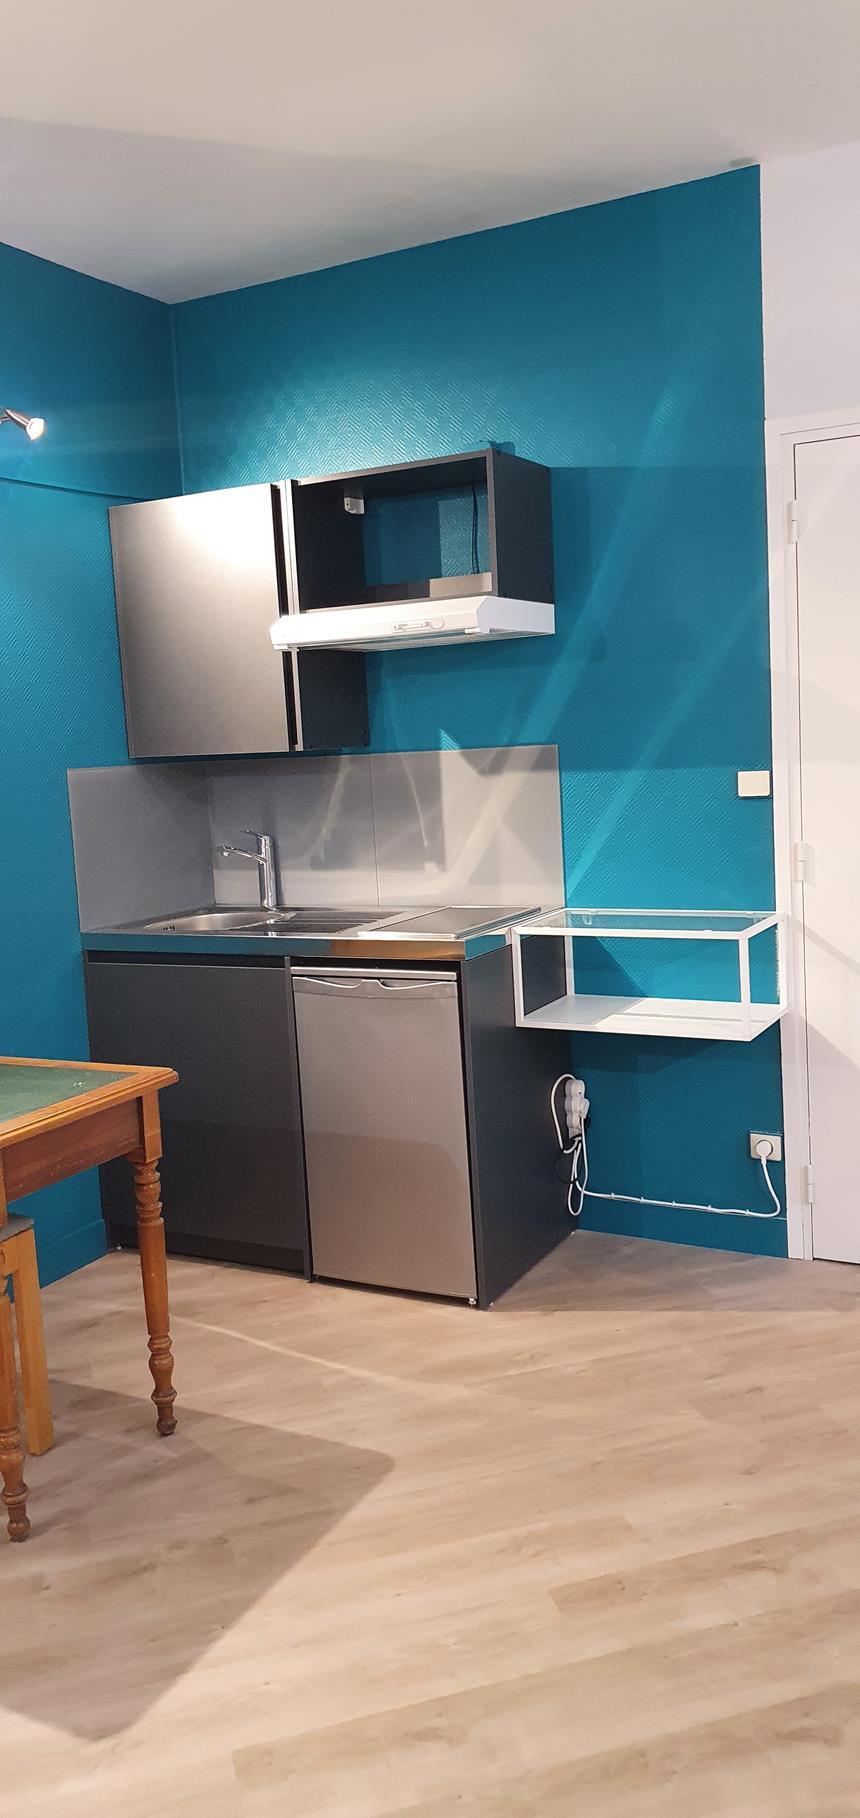 Studio 003 Kitchenette